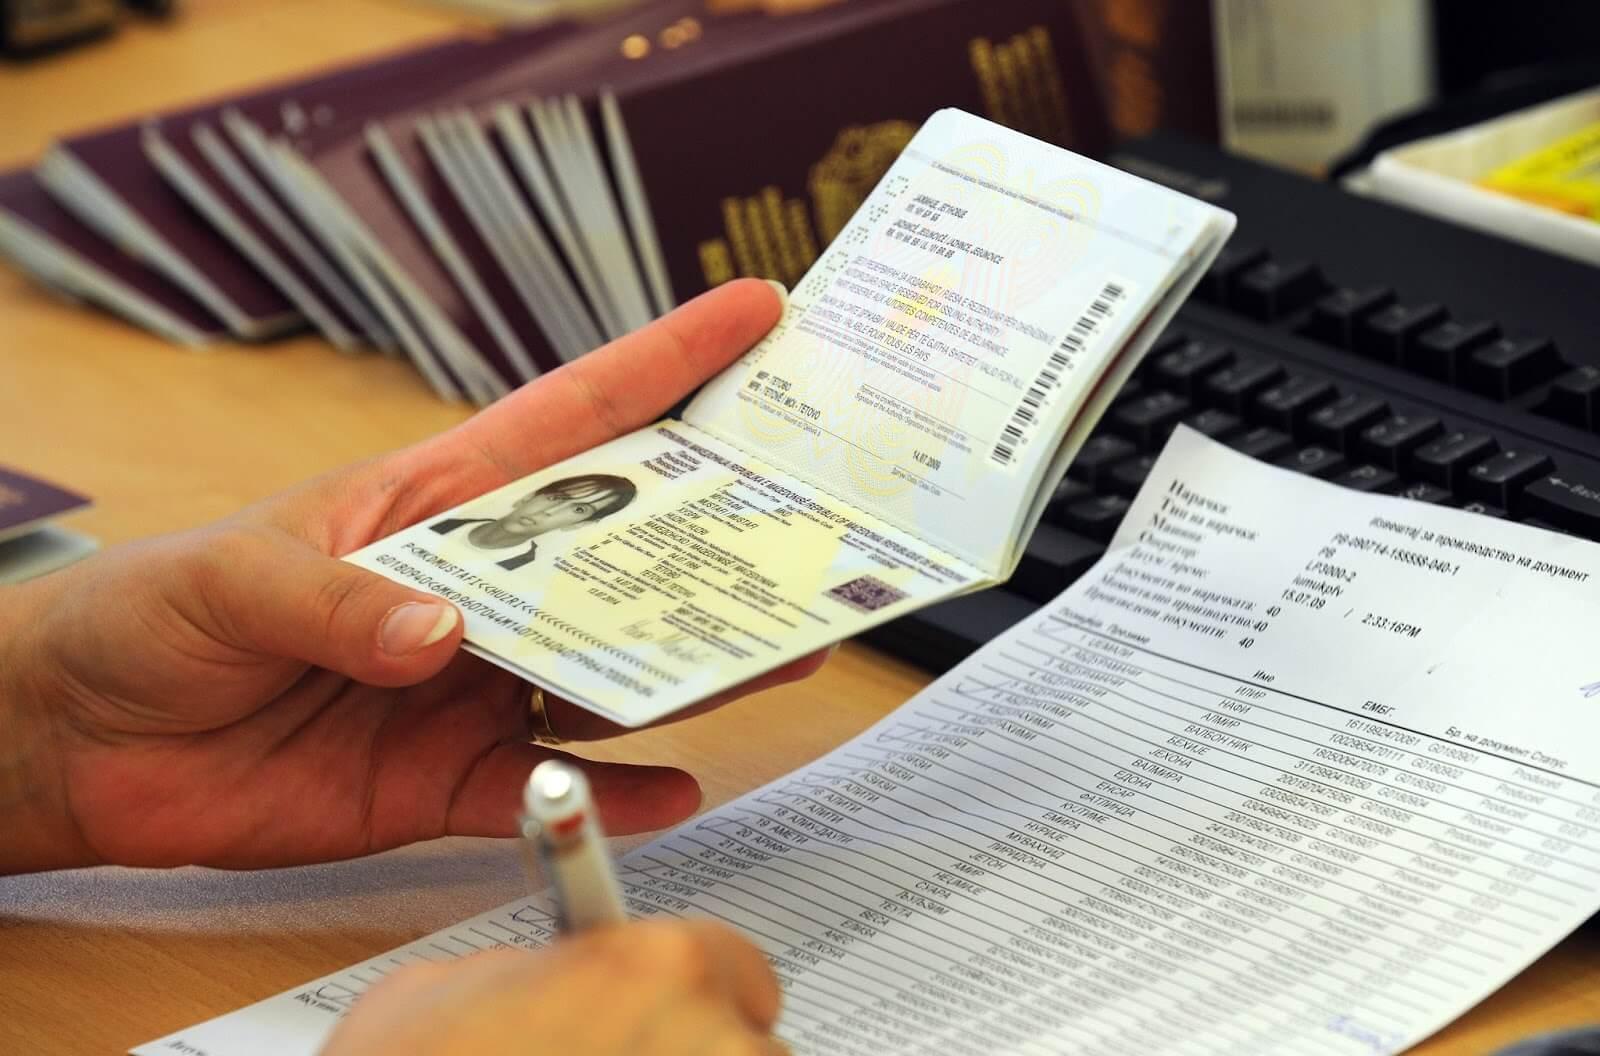 Để có thể chuẩn bị hoàn chỉnh hồ sơ xin visa Mỹ, vui lòng liên hệ 028 39 20 24 26 – 0916 08 68 98.